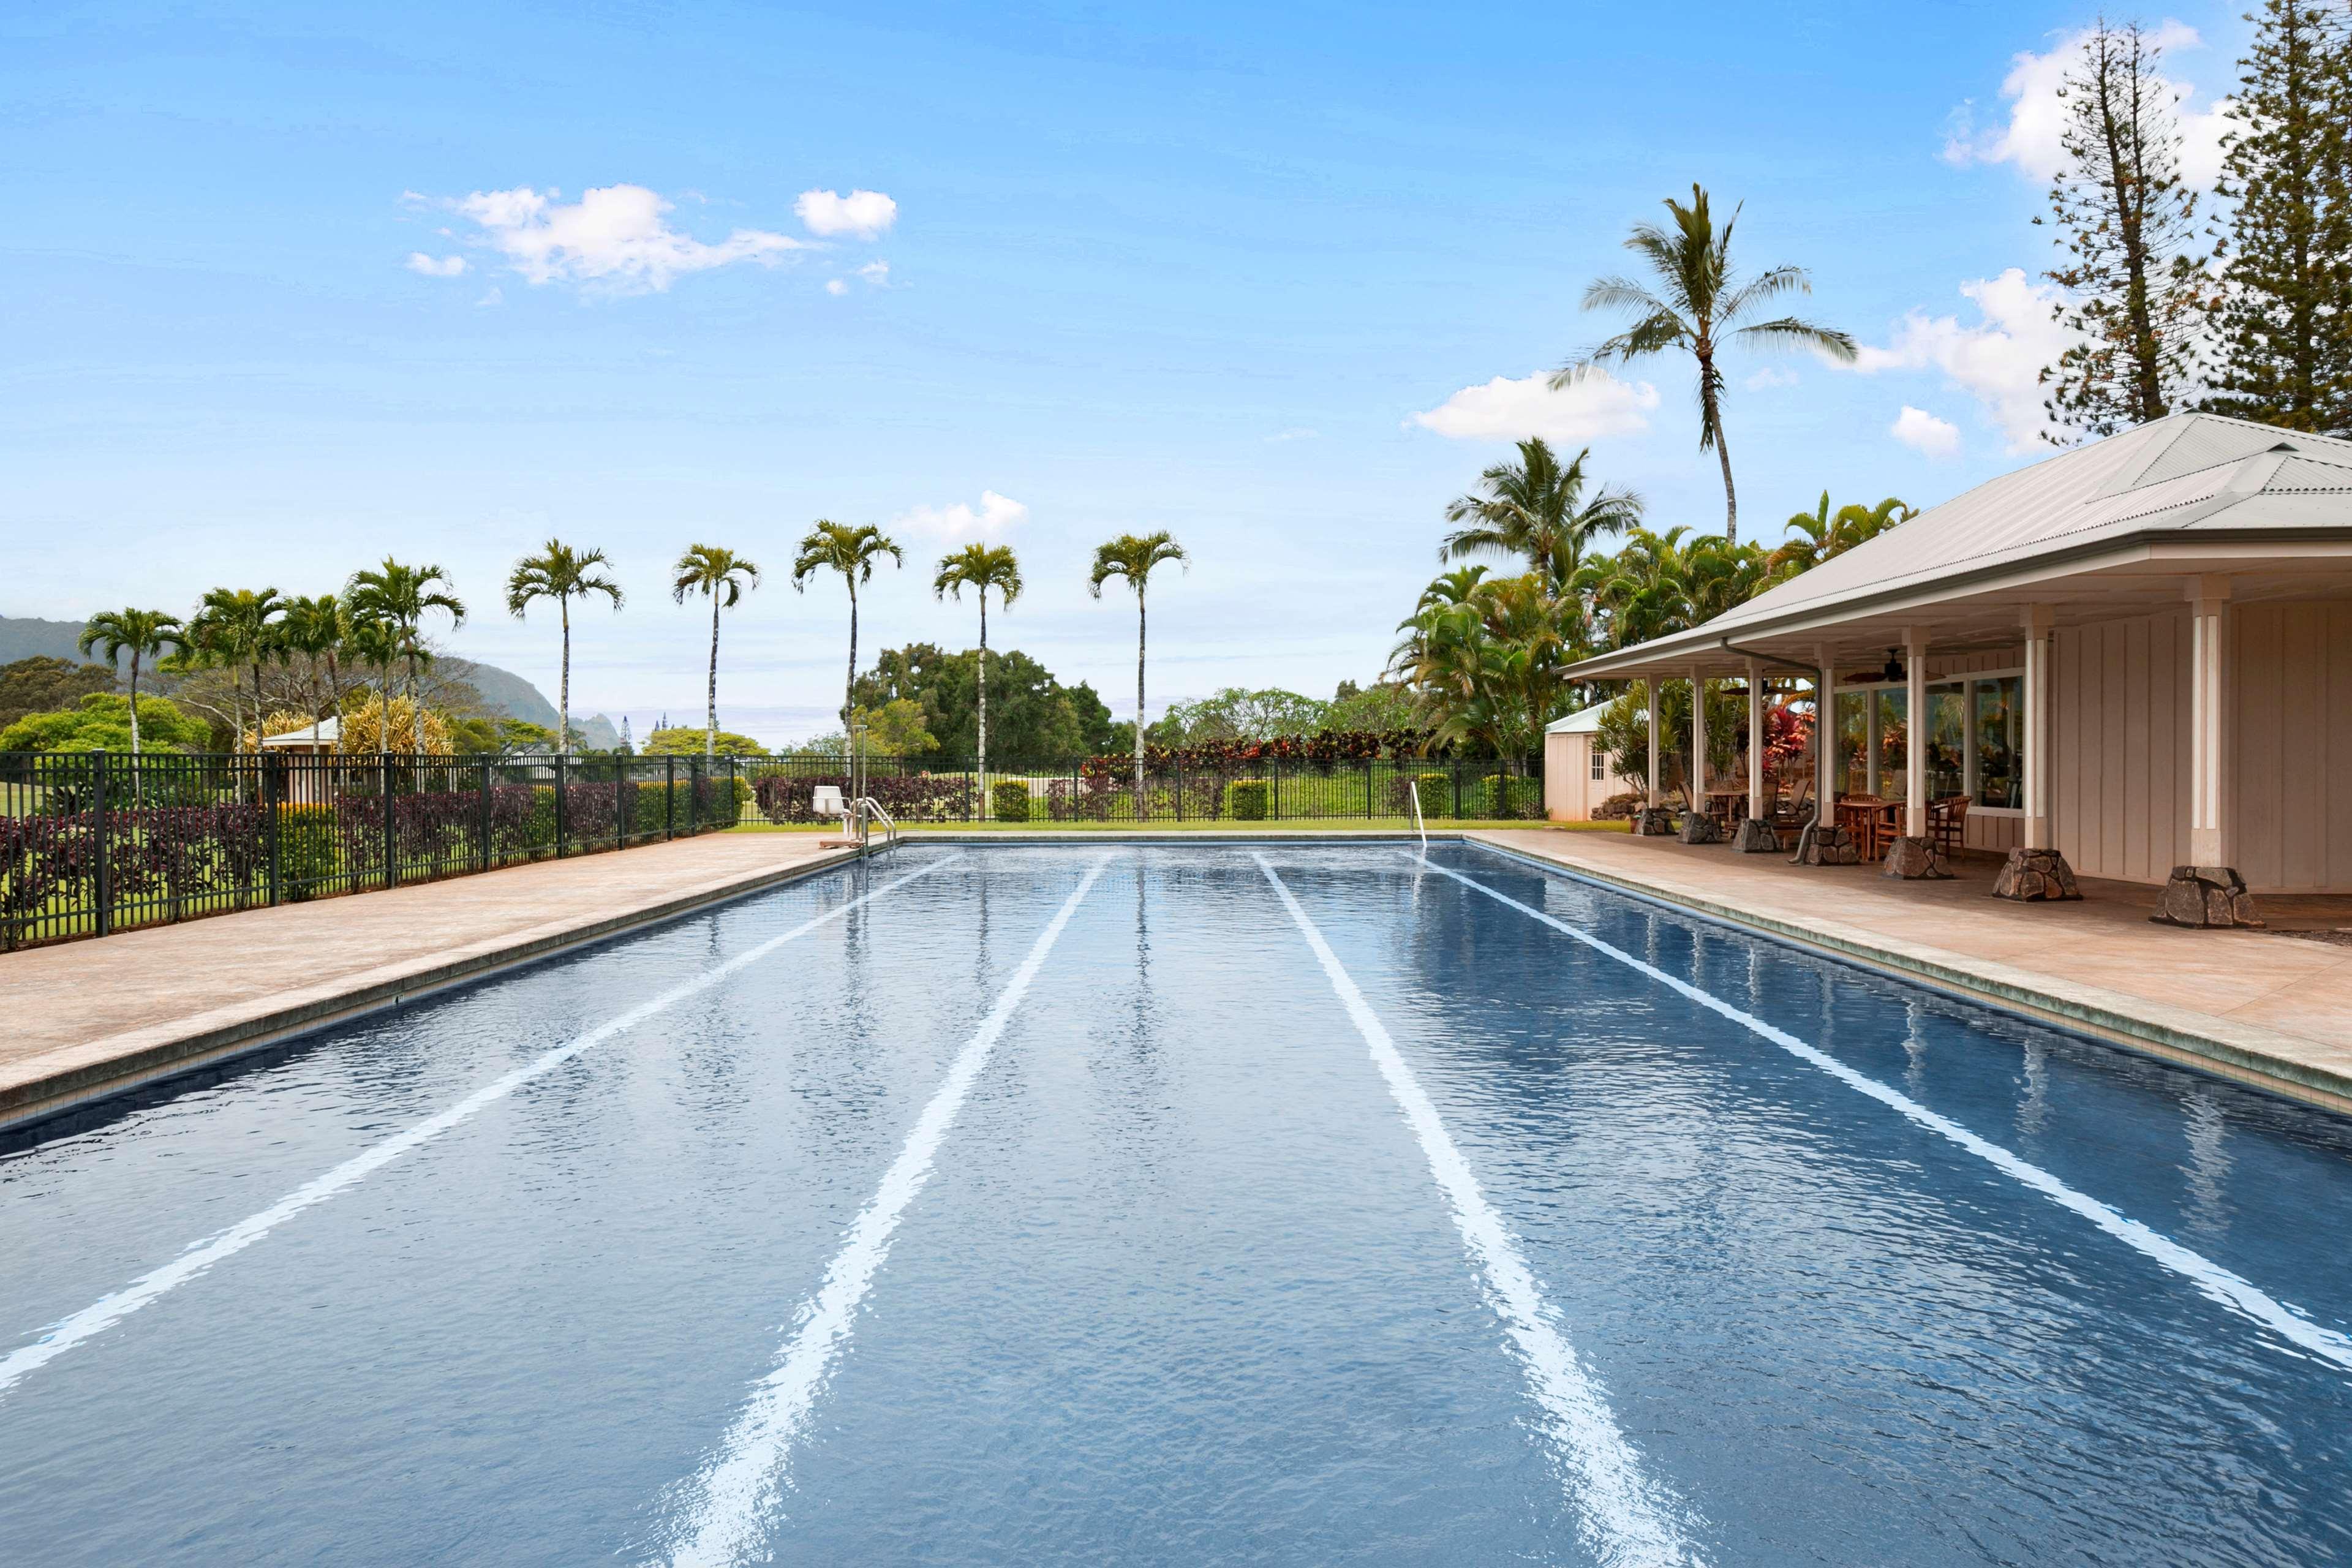 The Westin Princeville Ocean Resort Villas image 0